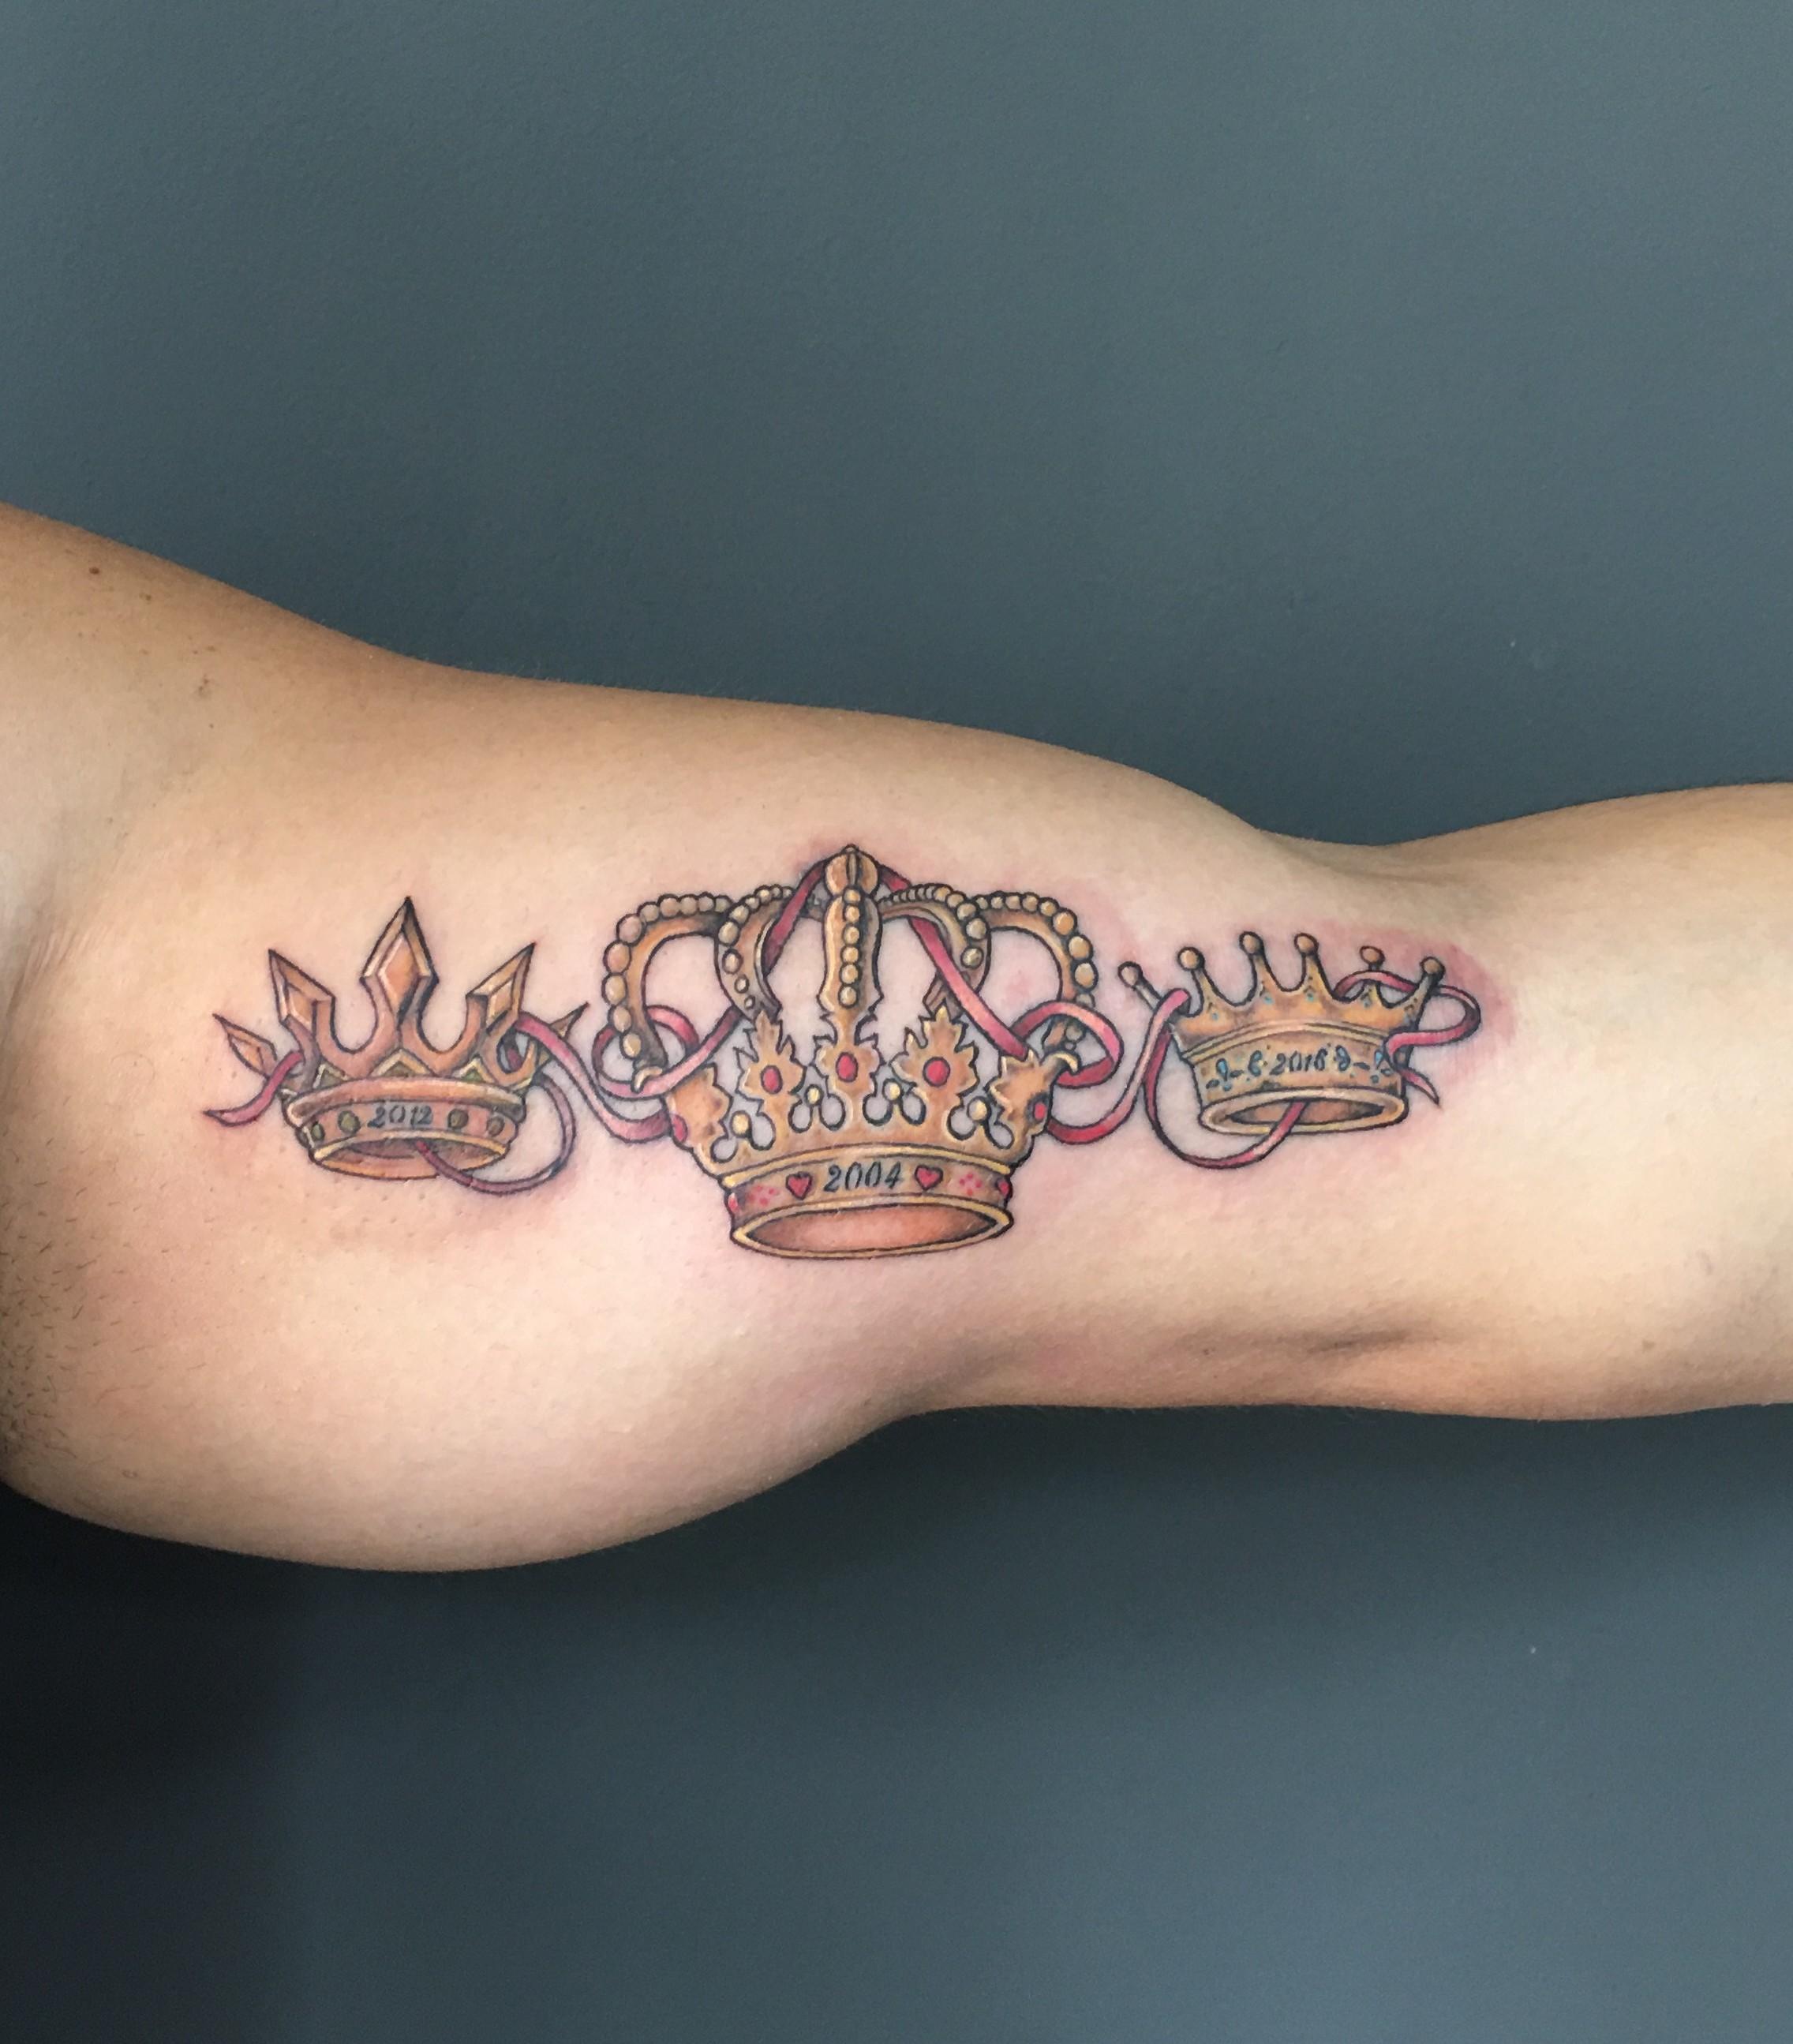 Tatuaje Coronas Familia En Su Tinta Estudio